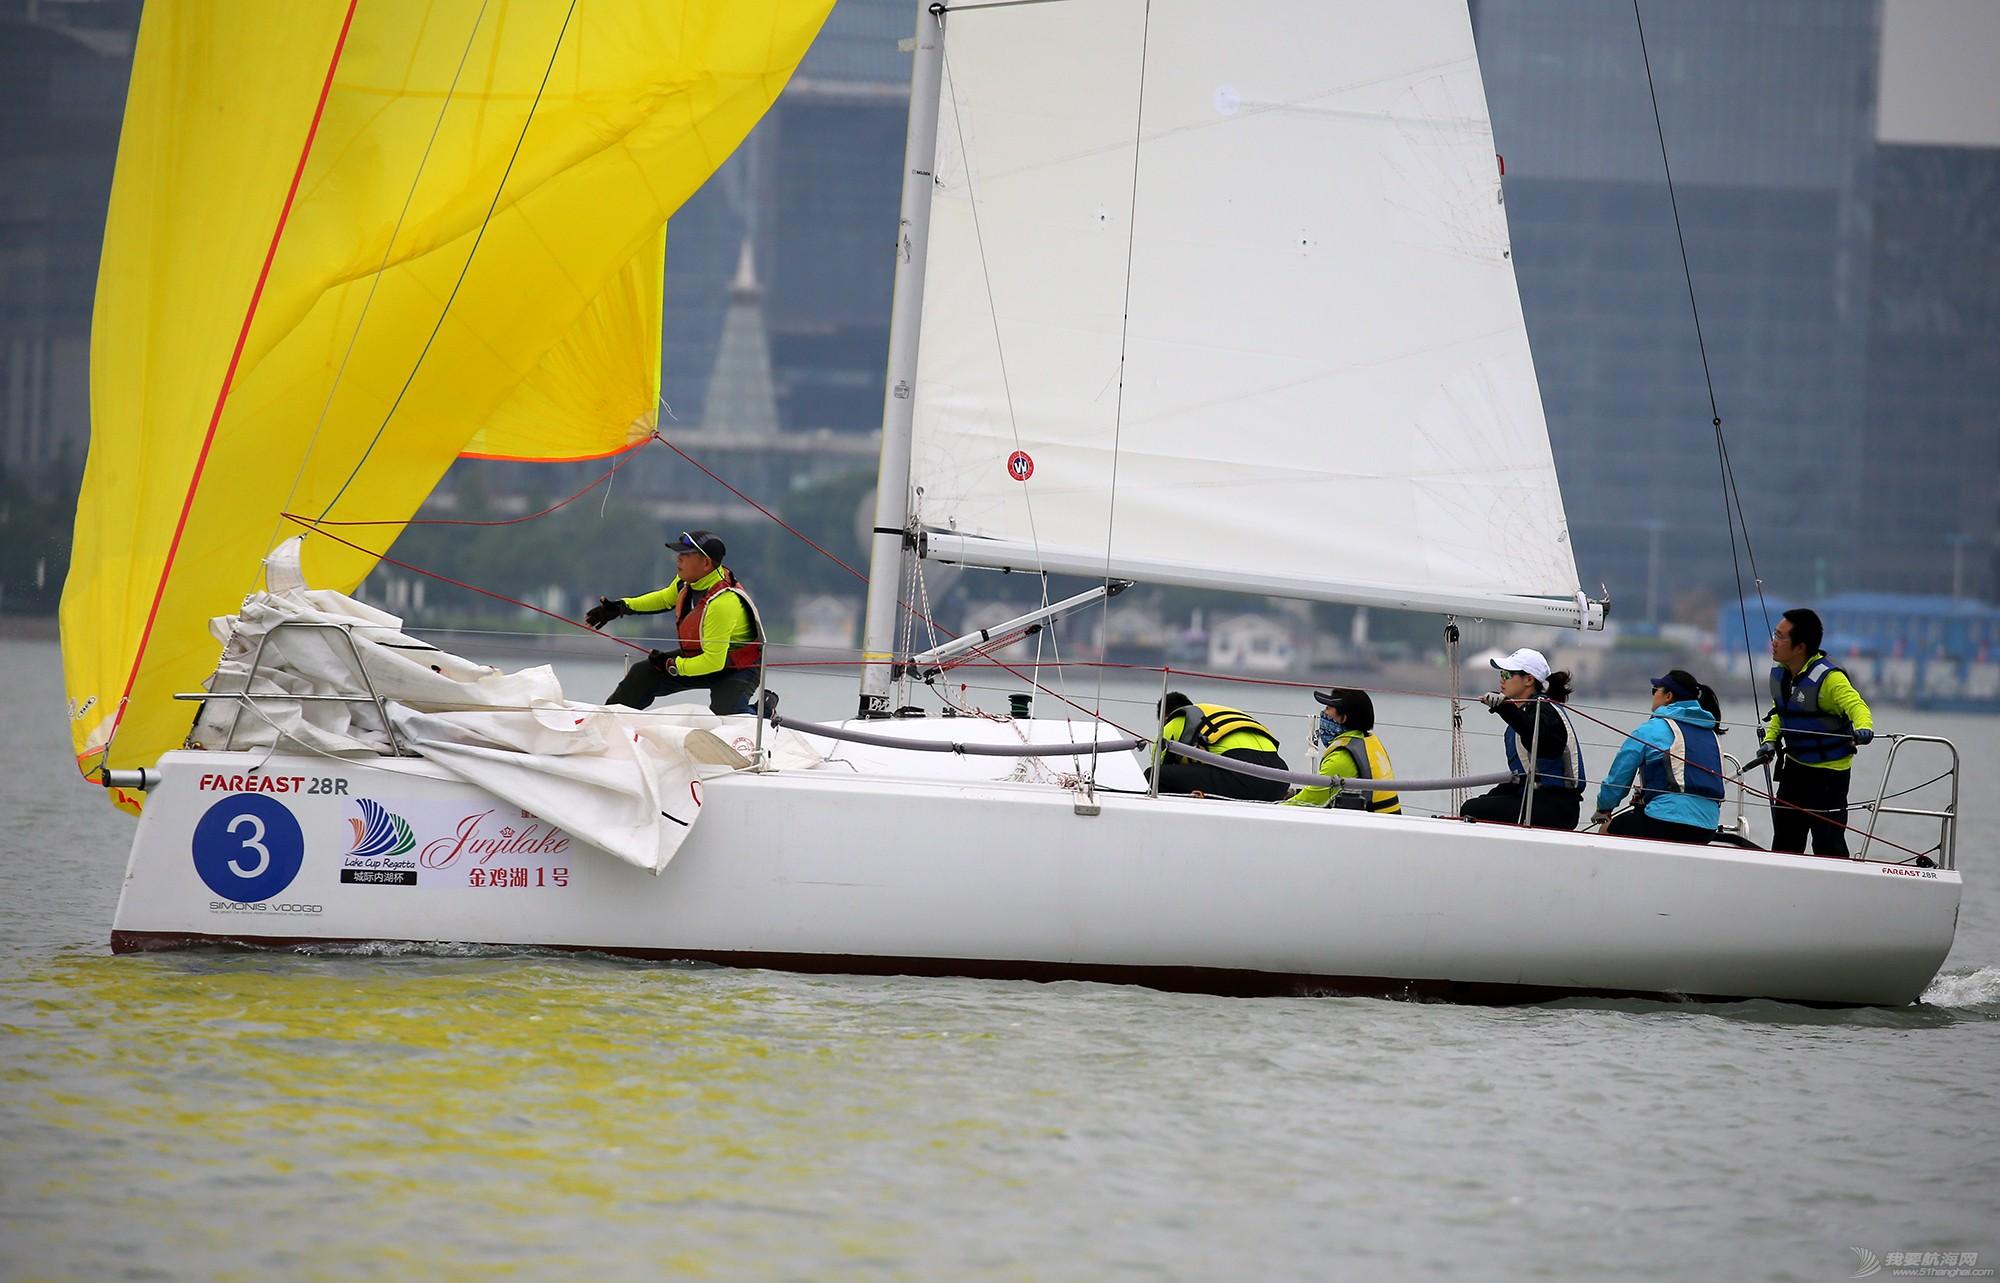 帆船,空间 帆船是灰度空间里跳动的彩色音符 E78W9354.JPG